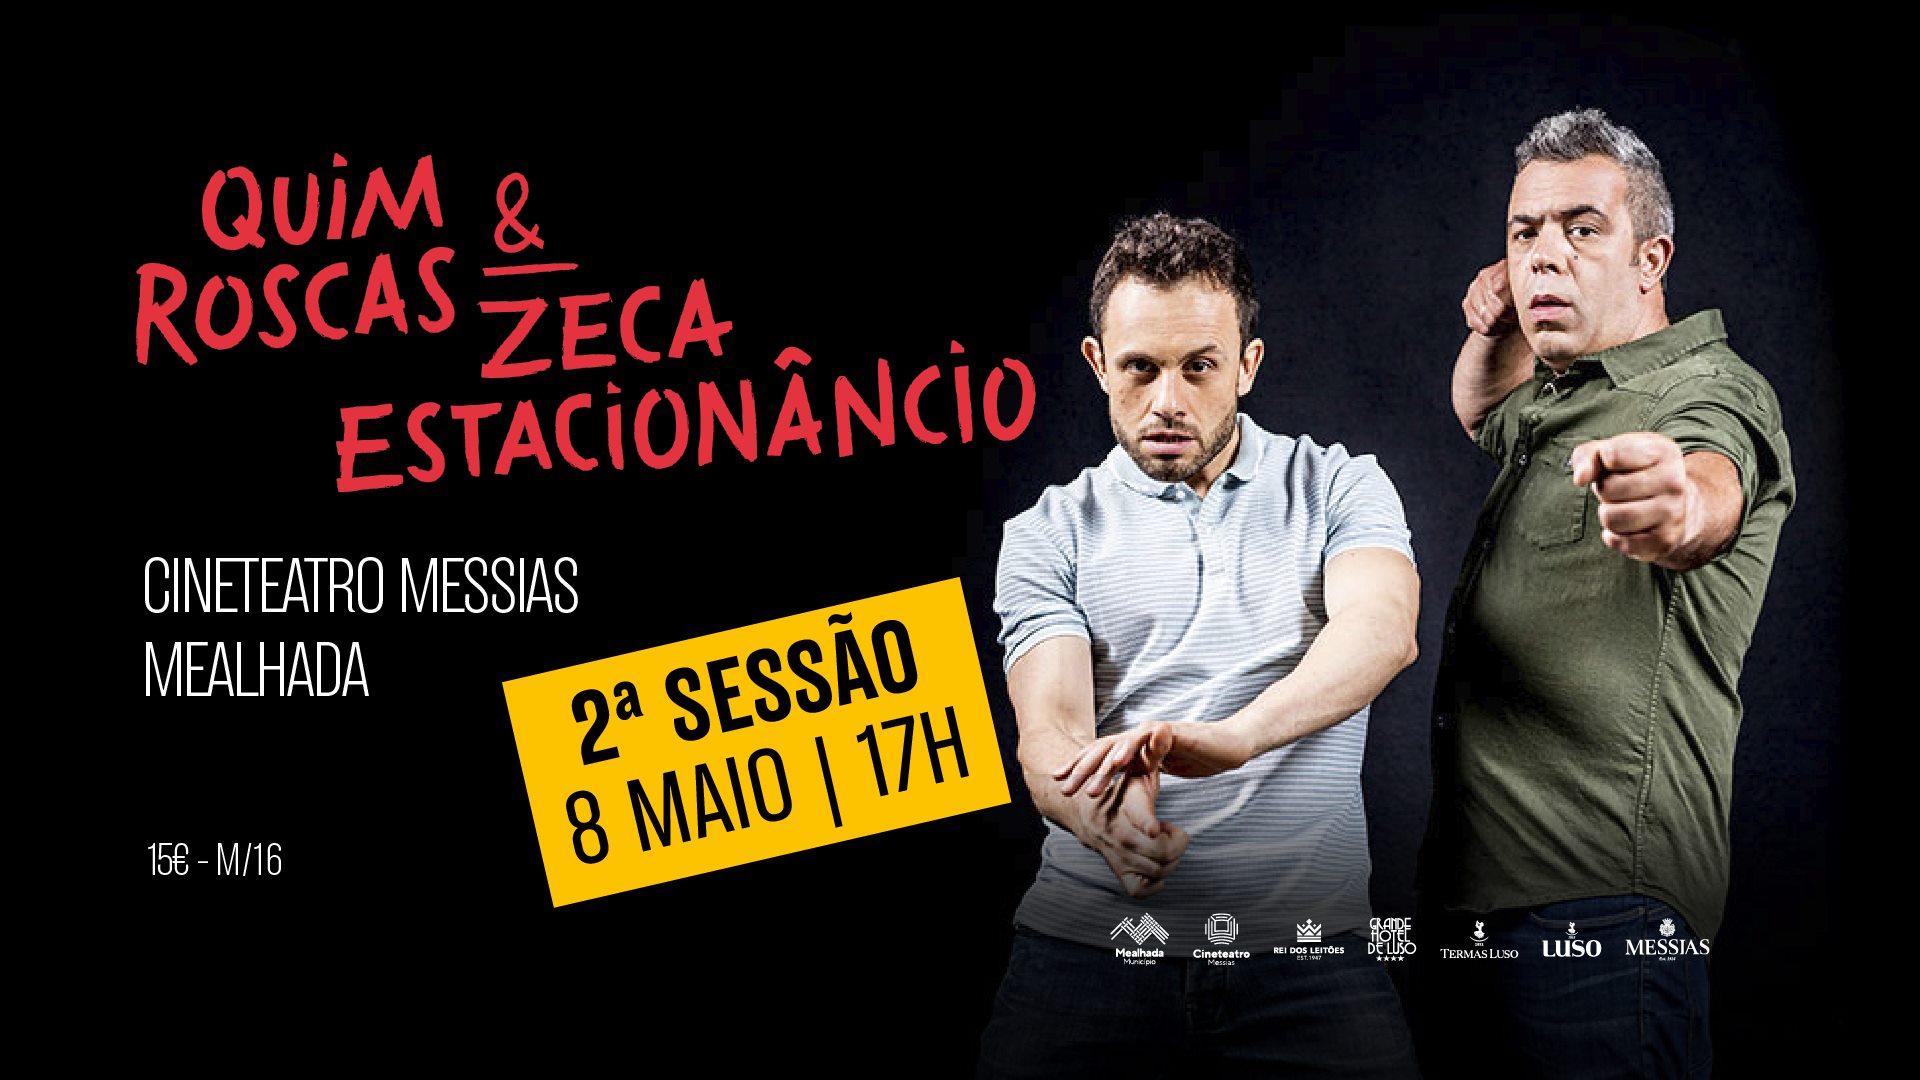 Quim Roscas & Zeca Estacionâncio - 2ª Sessão